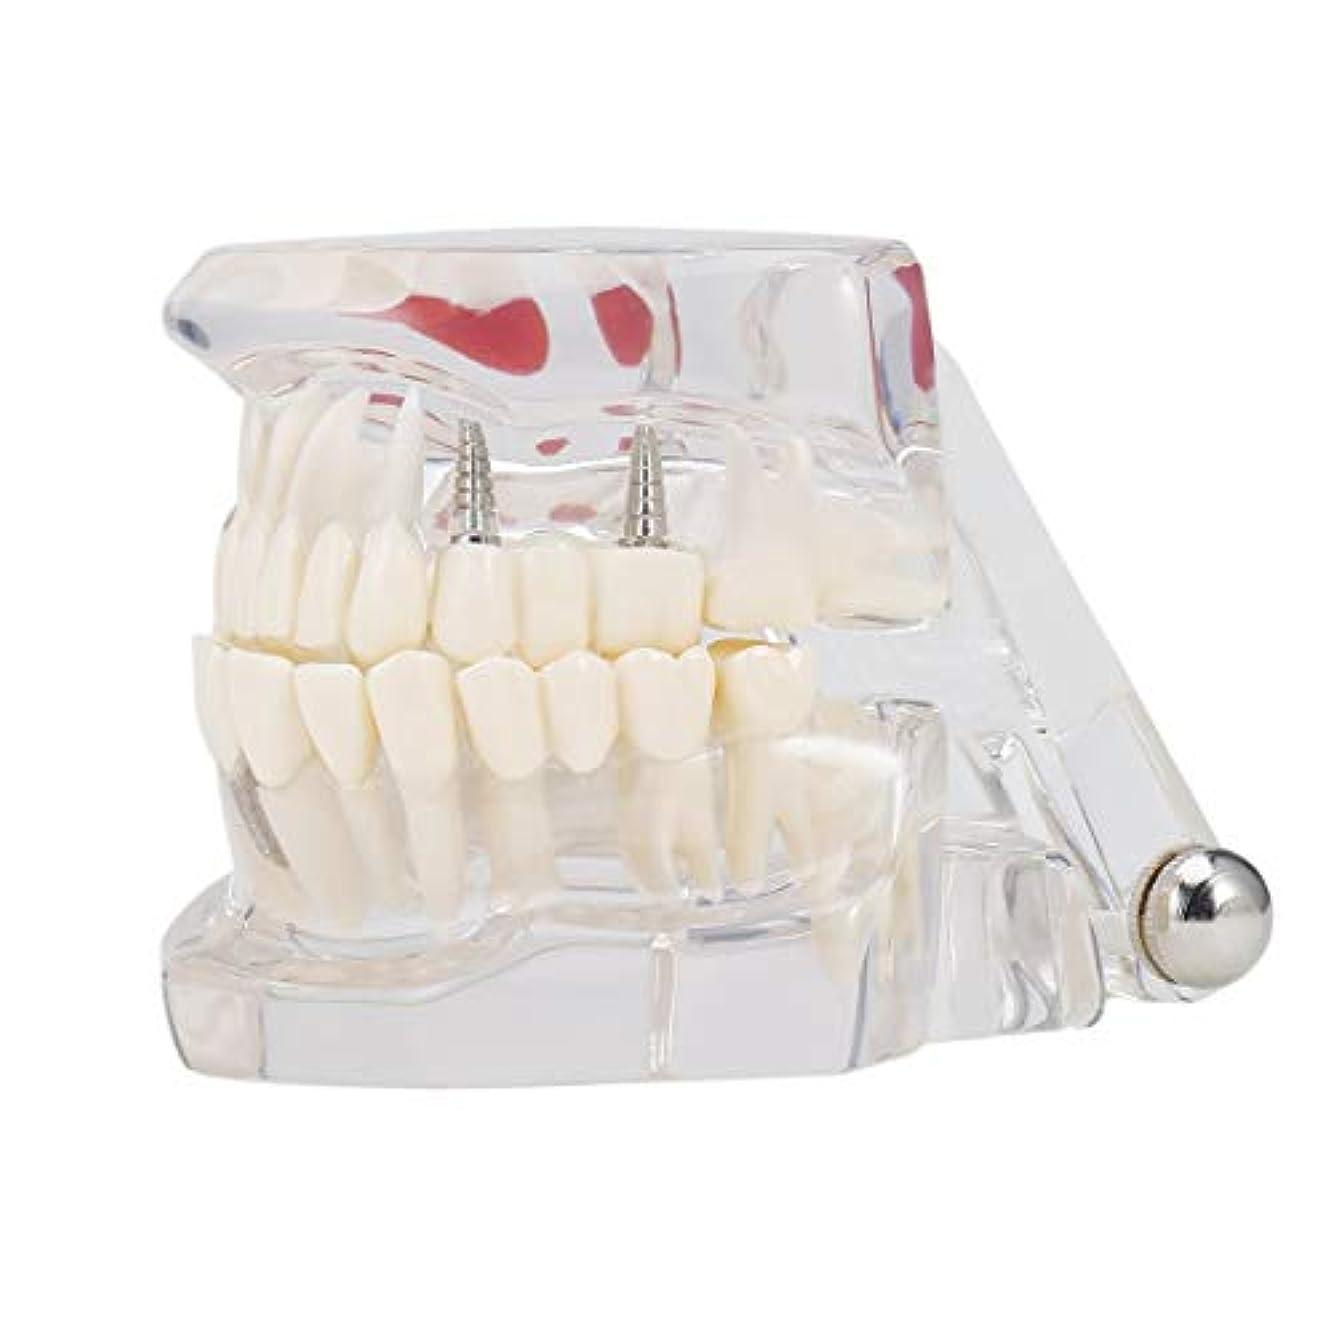 憎しみまだ威する専門の取り外し可能な偽の歯の歯の病気のモルデルの歯科インプラント回復表示医院の病院の教育使用 (色:黒)(Rustle666)